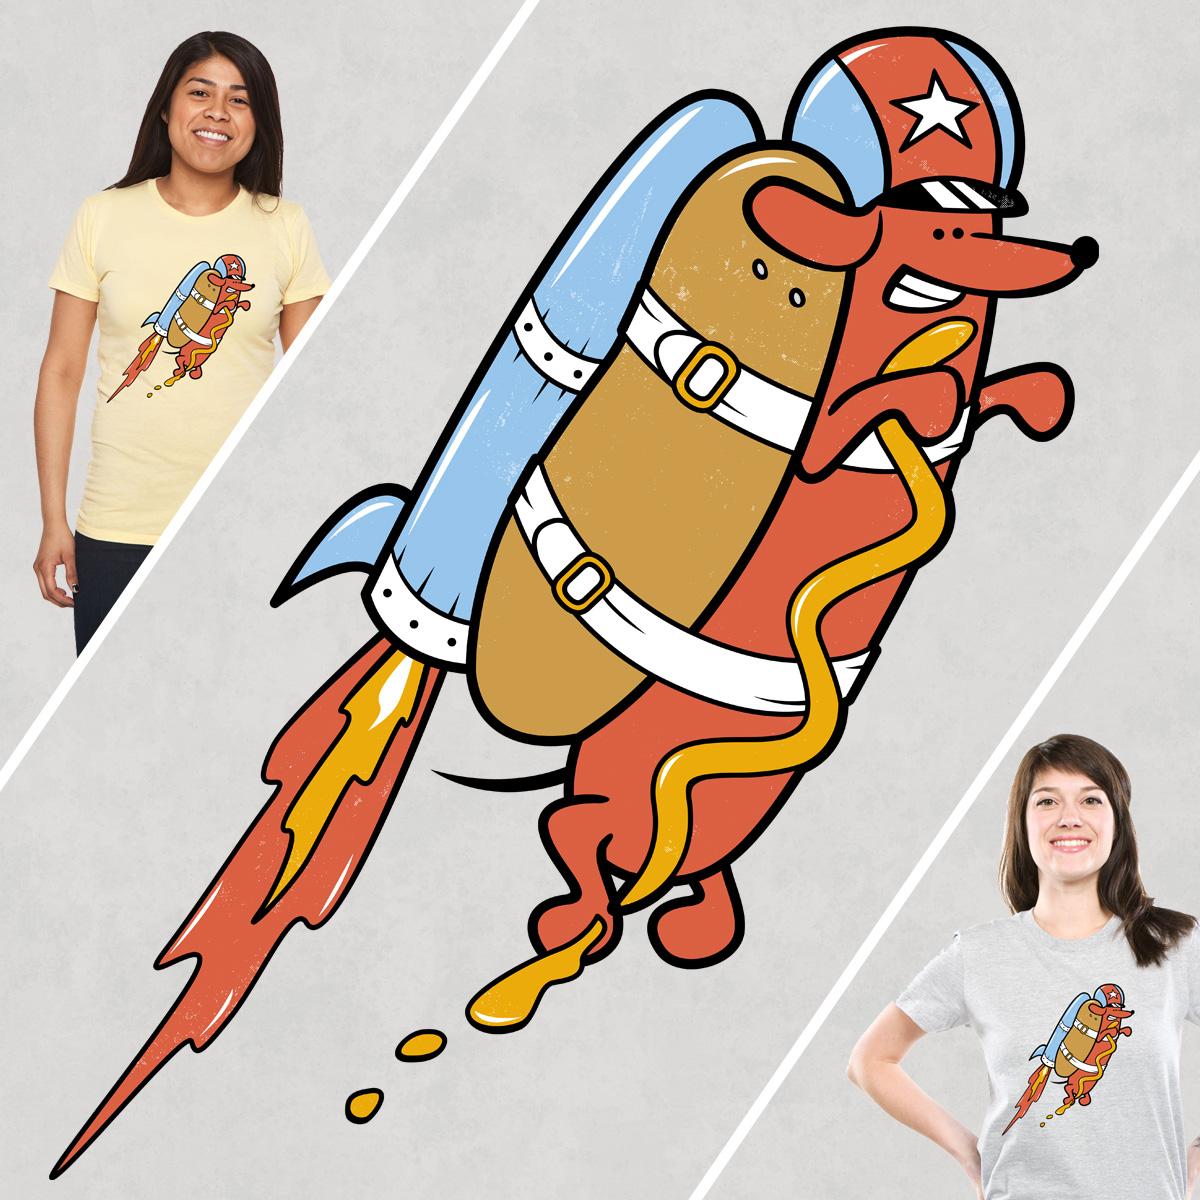 Rocket Wiener by Goto75 on Threadless